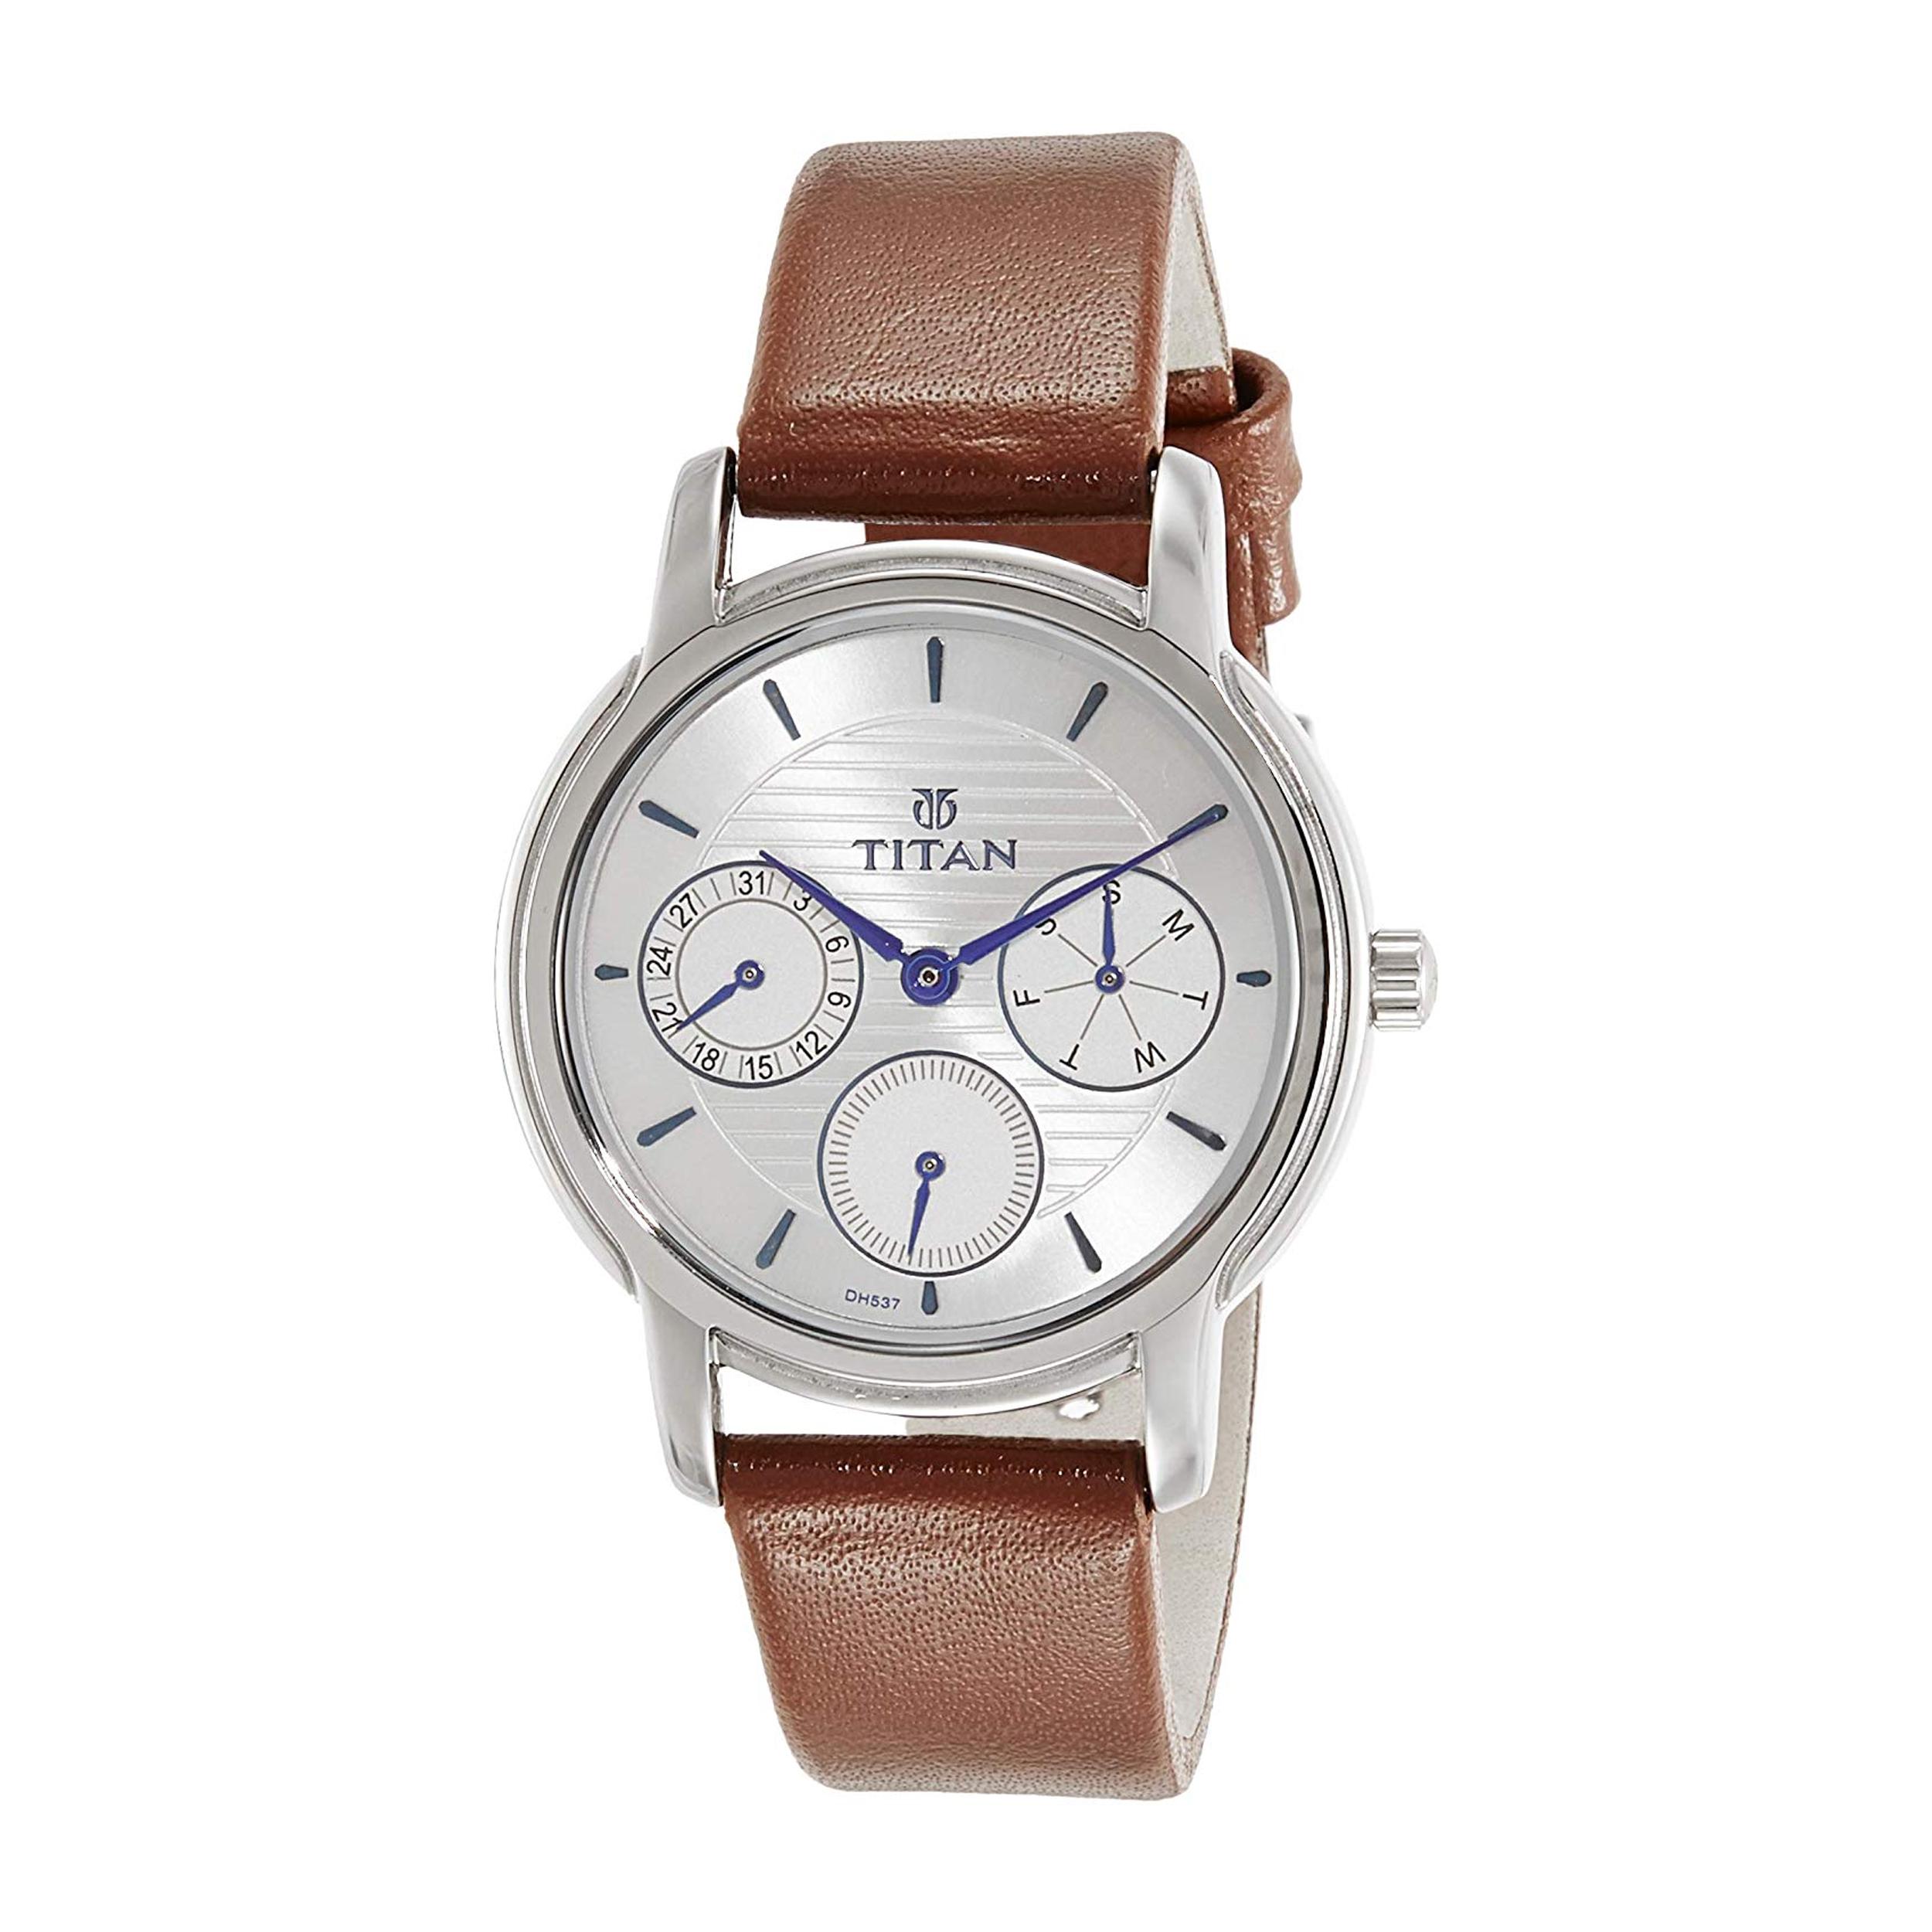 ساعت مچی  مردانه تایتن مدل T2595SL01              اصل